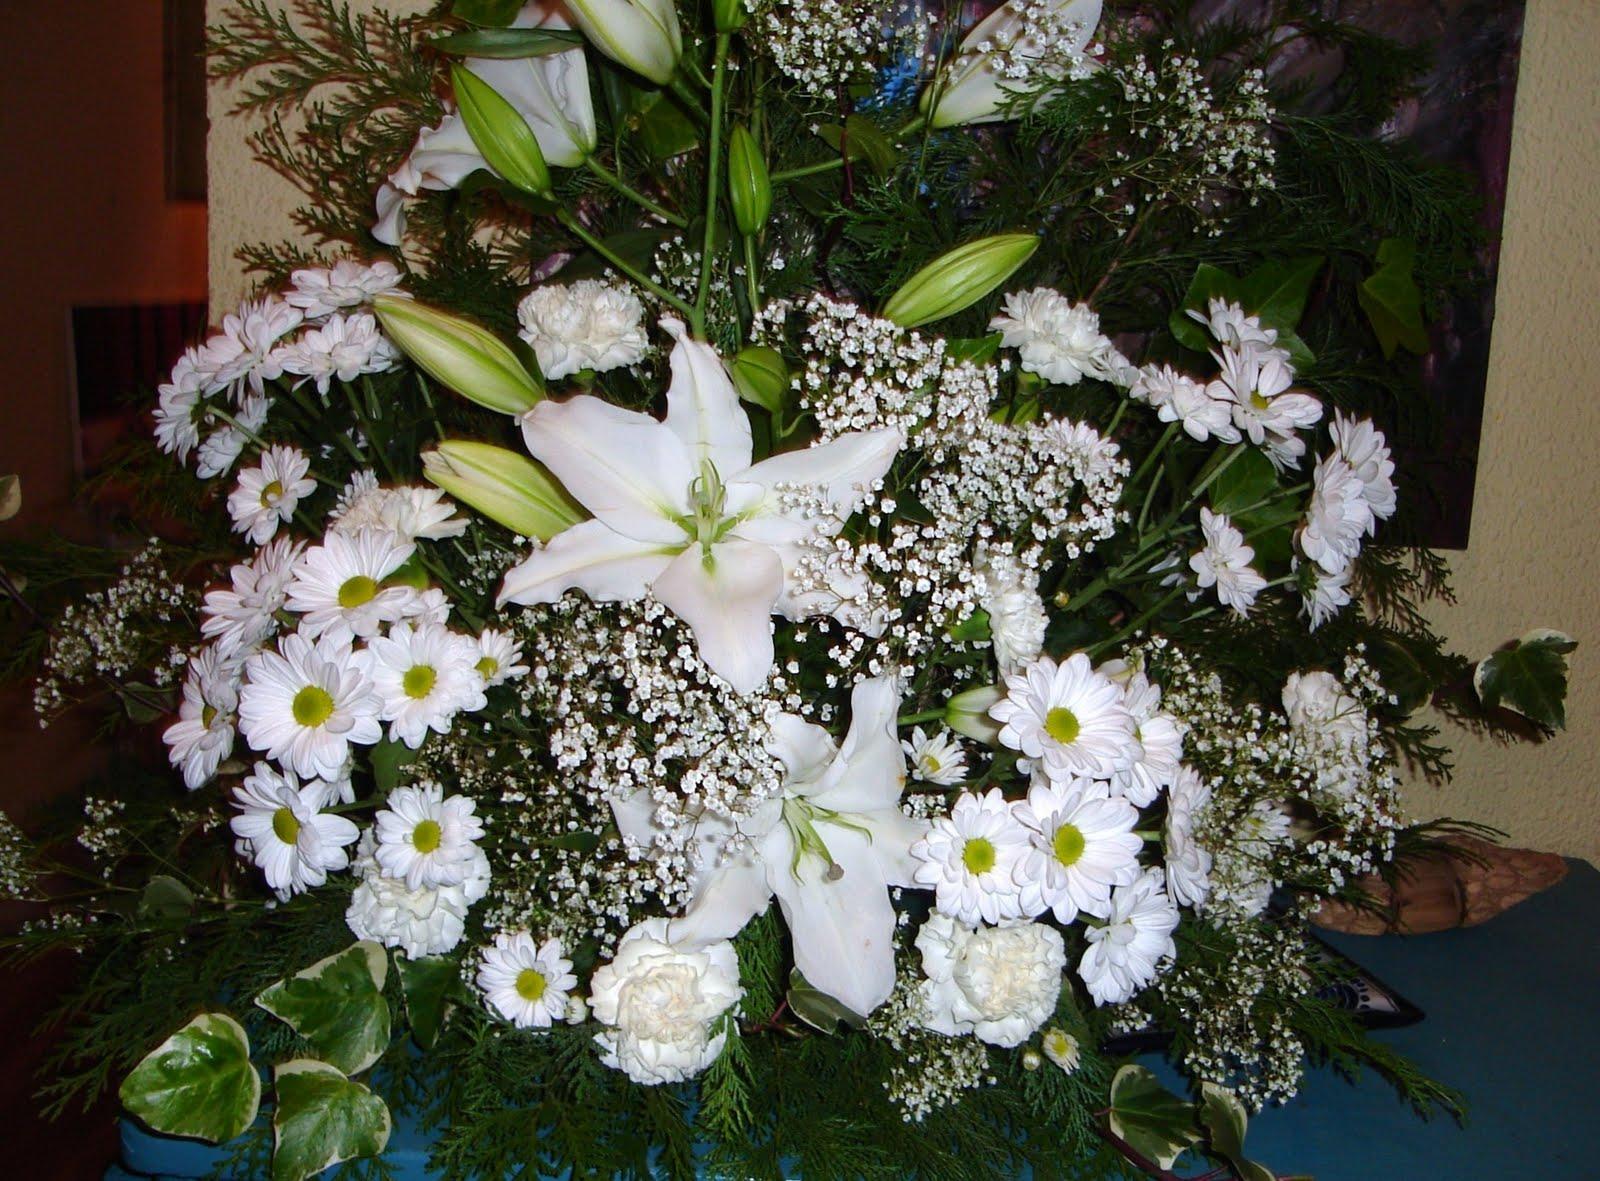 Centros de mesa las bodas tiendas flores ramos para - Centros de mesa naturales ...